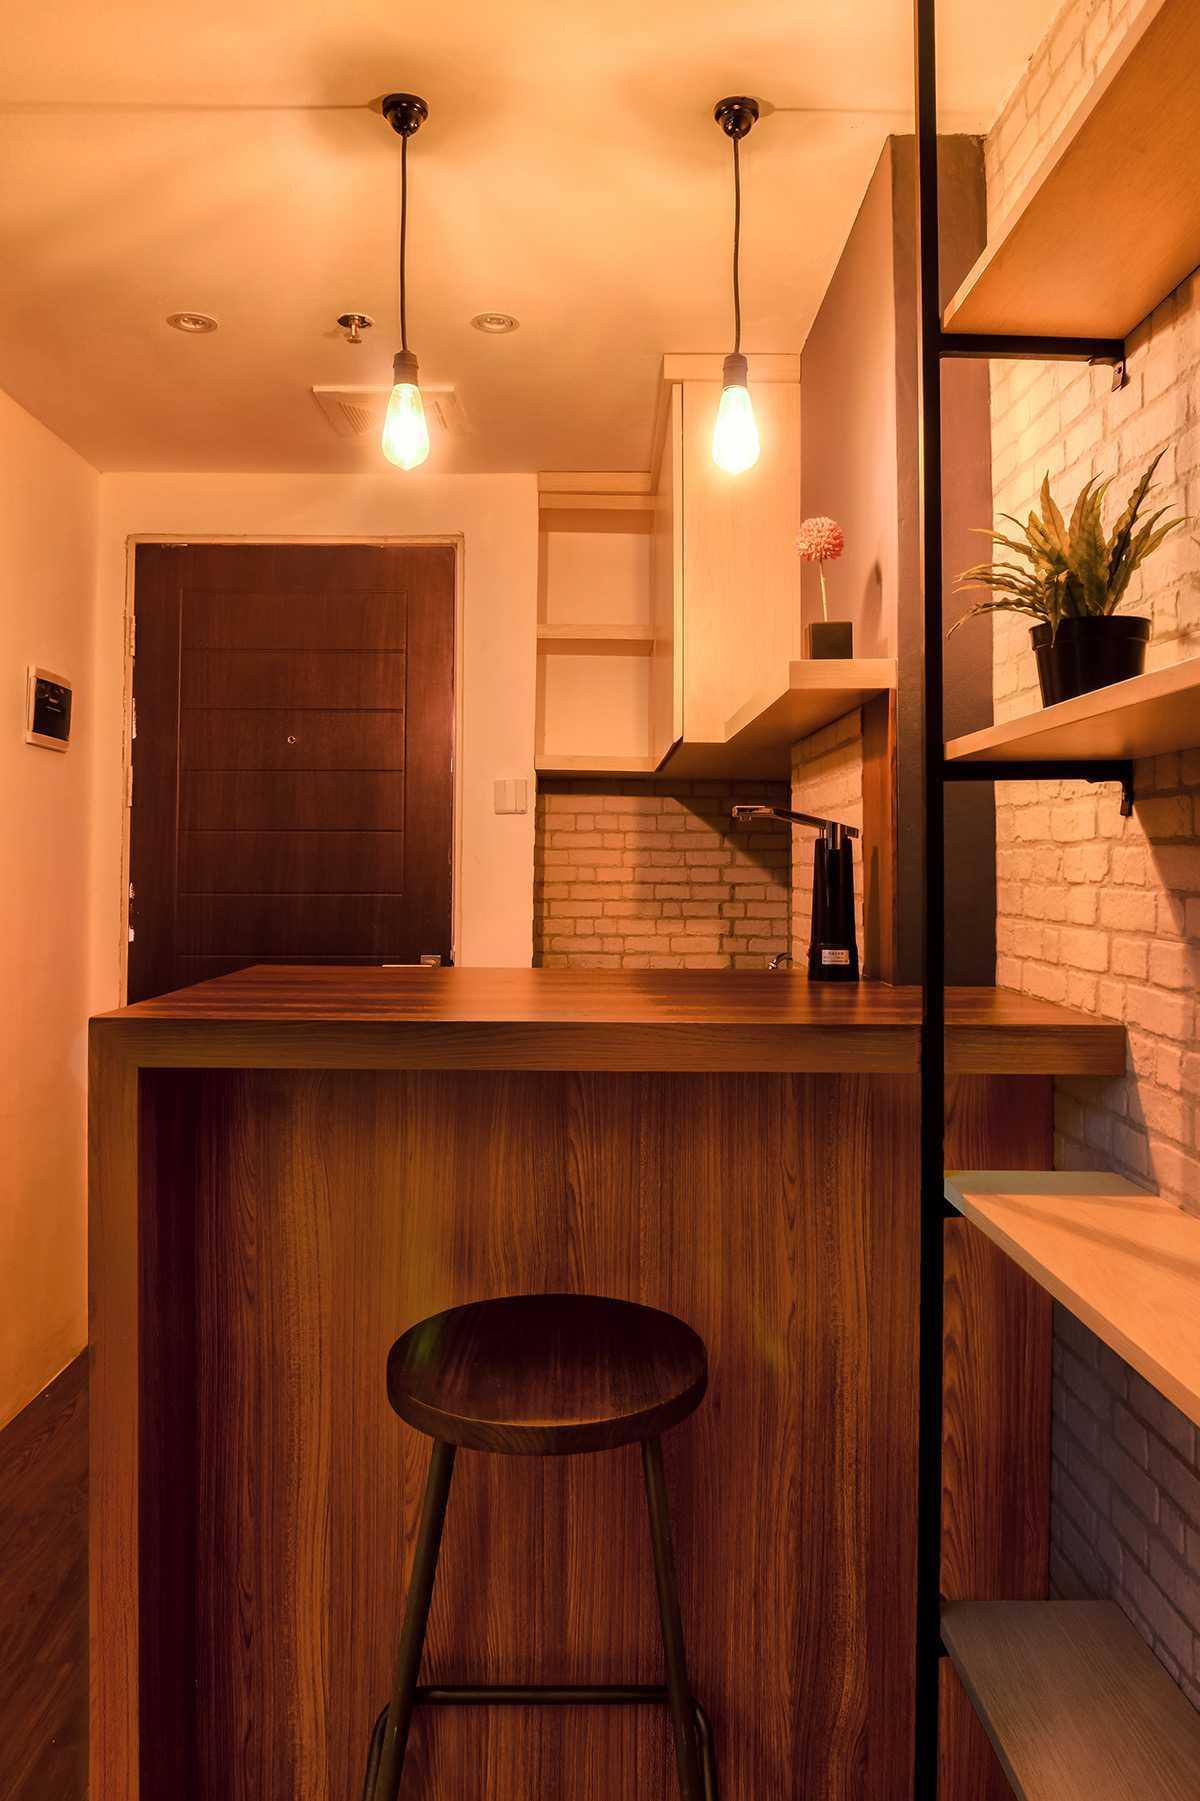 Localic Studio Interior Apartment Tipe Studio Kota Yogyakarta, Daerah Istimewa Yogyakarta, Indonesia Kota Yogyakarta, Daerah Istimewa Yogyakarta, Indonesia Interior Apartment Tipe Studio - Mini Bar   41461